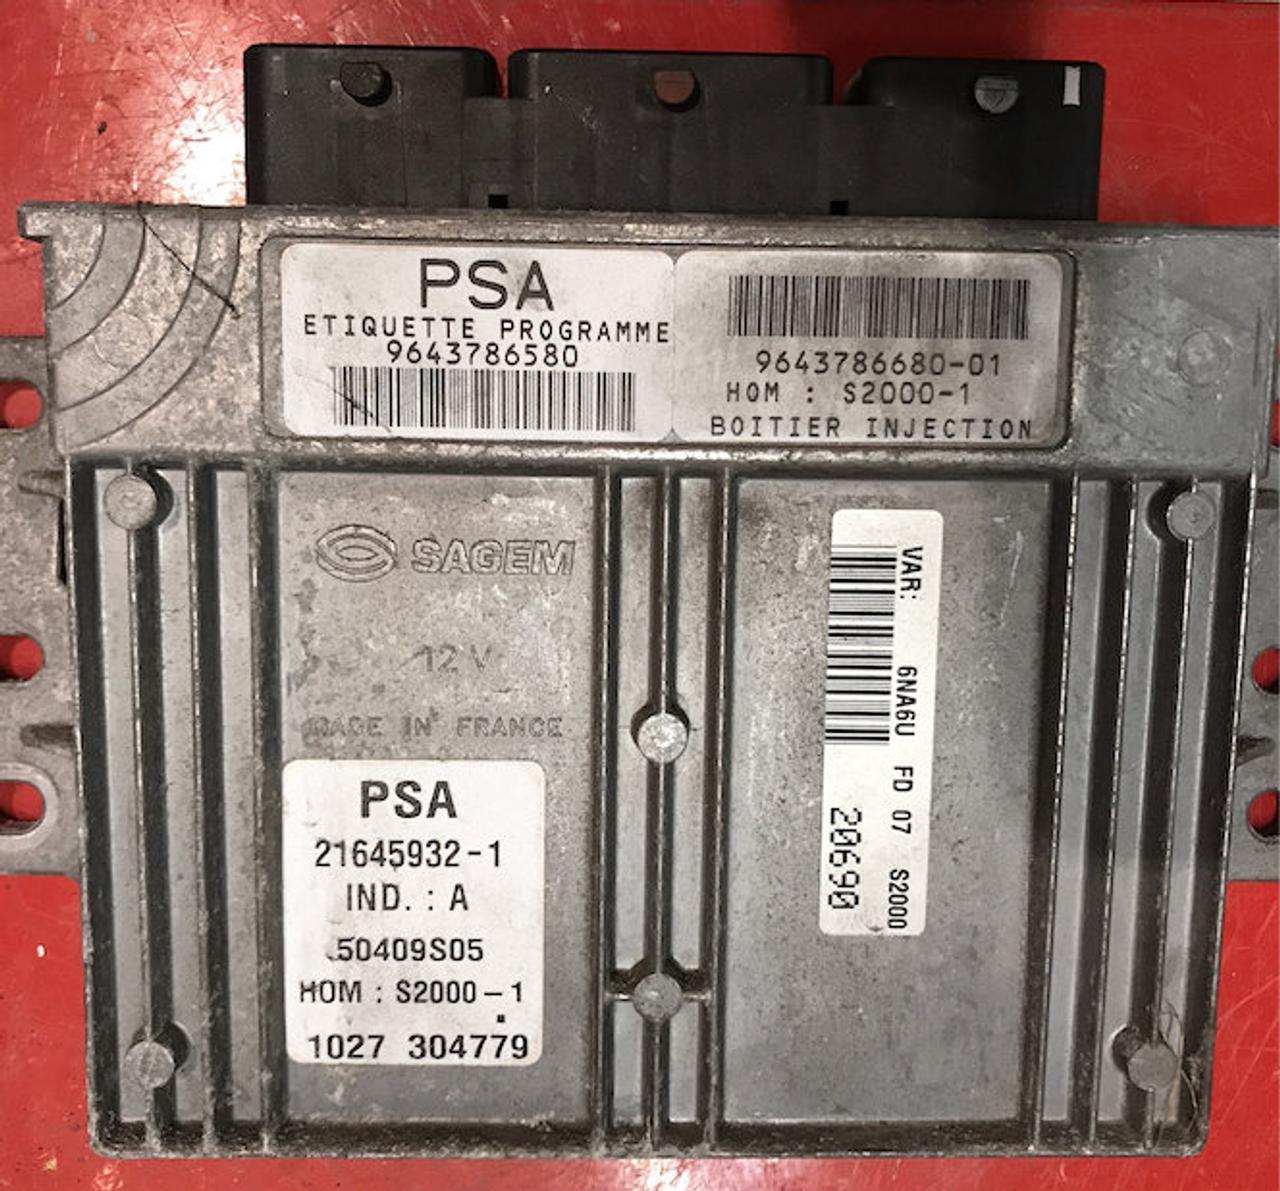 PSA  S2000-1  9643786580  9643786680-01  21645932-1  IND.:A